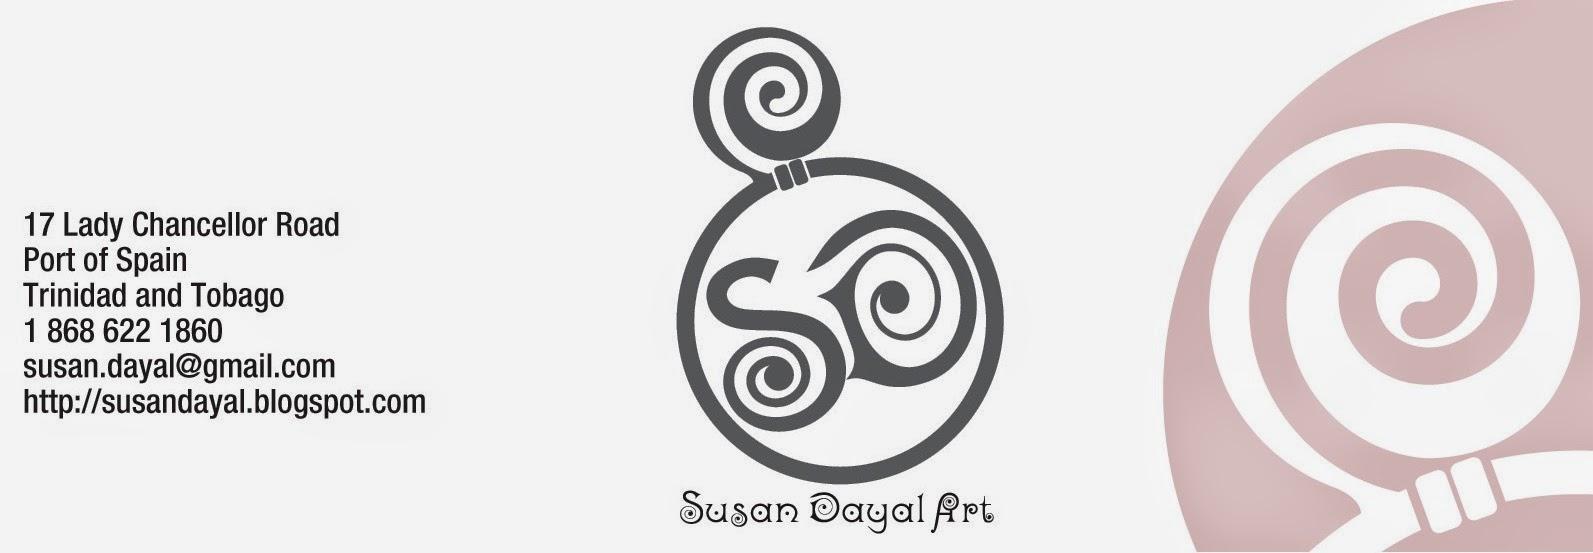 SUSAN DAYAL ART